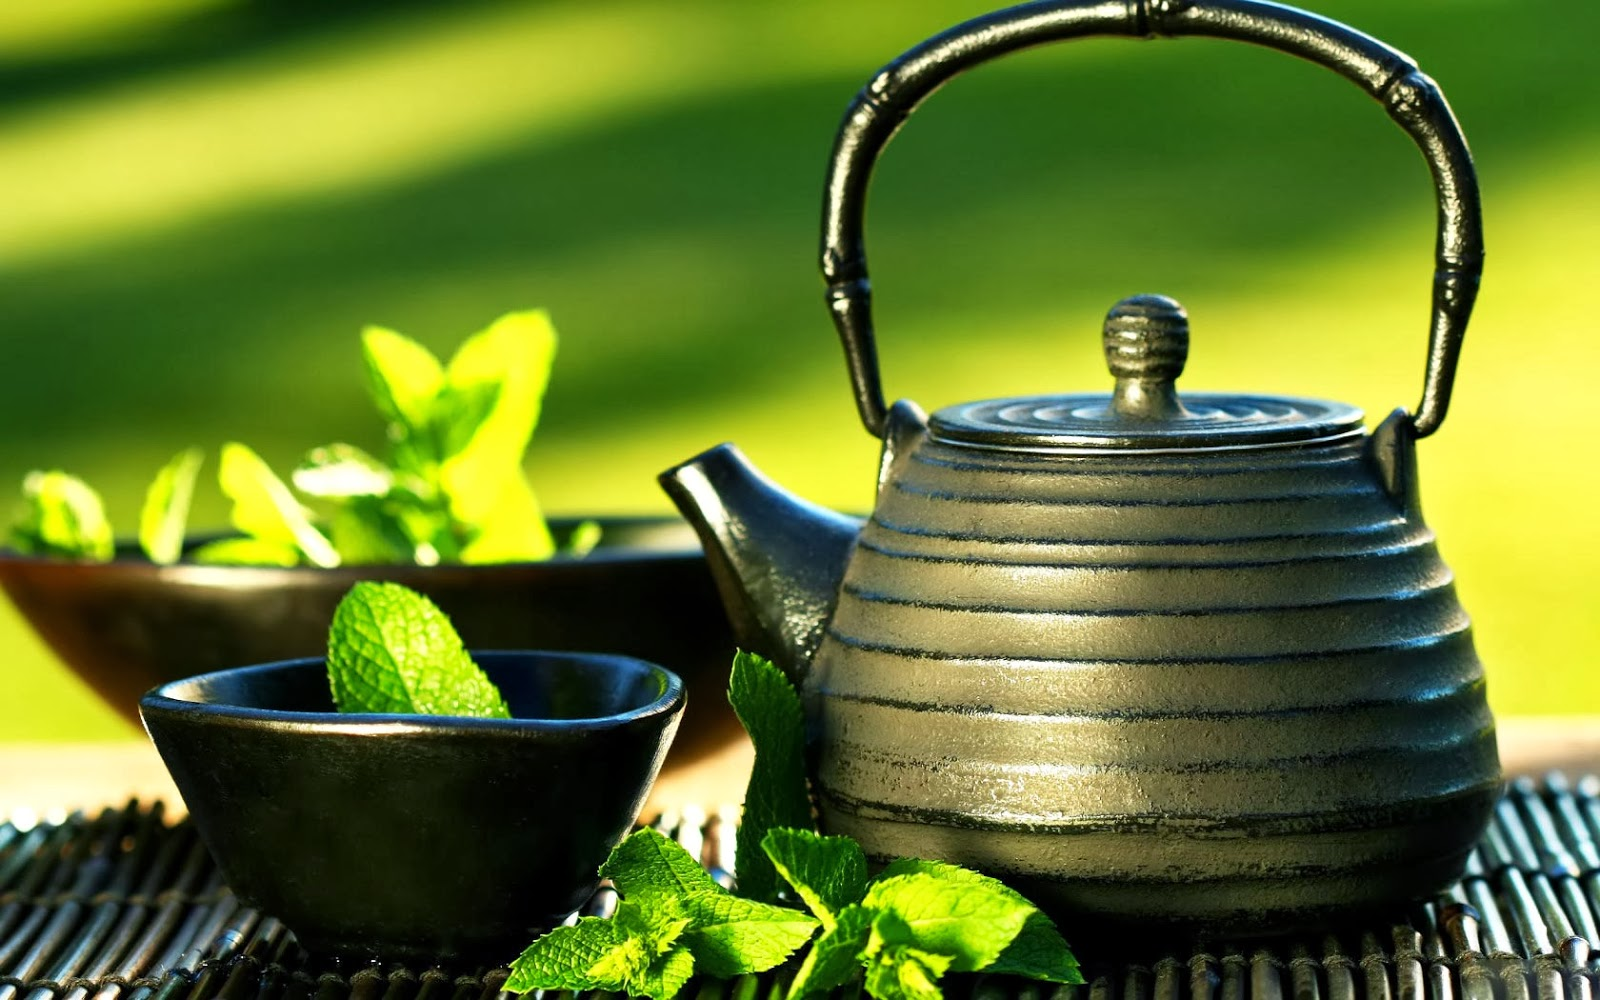 giảm béo toàn thân bằng trà xanh